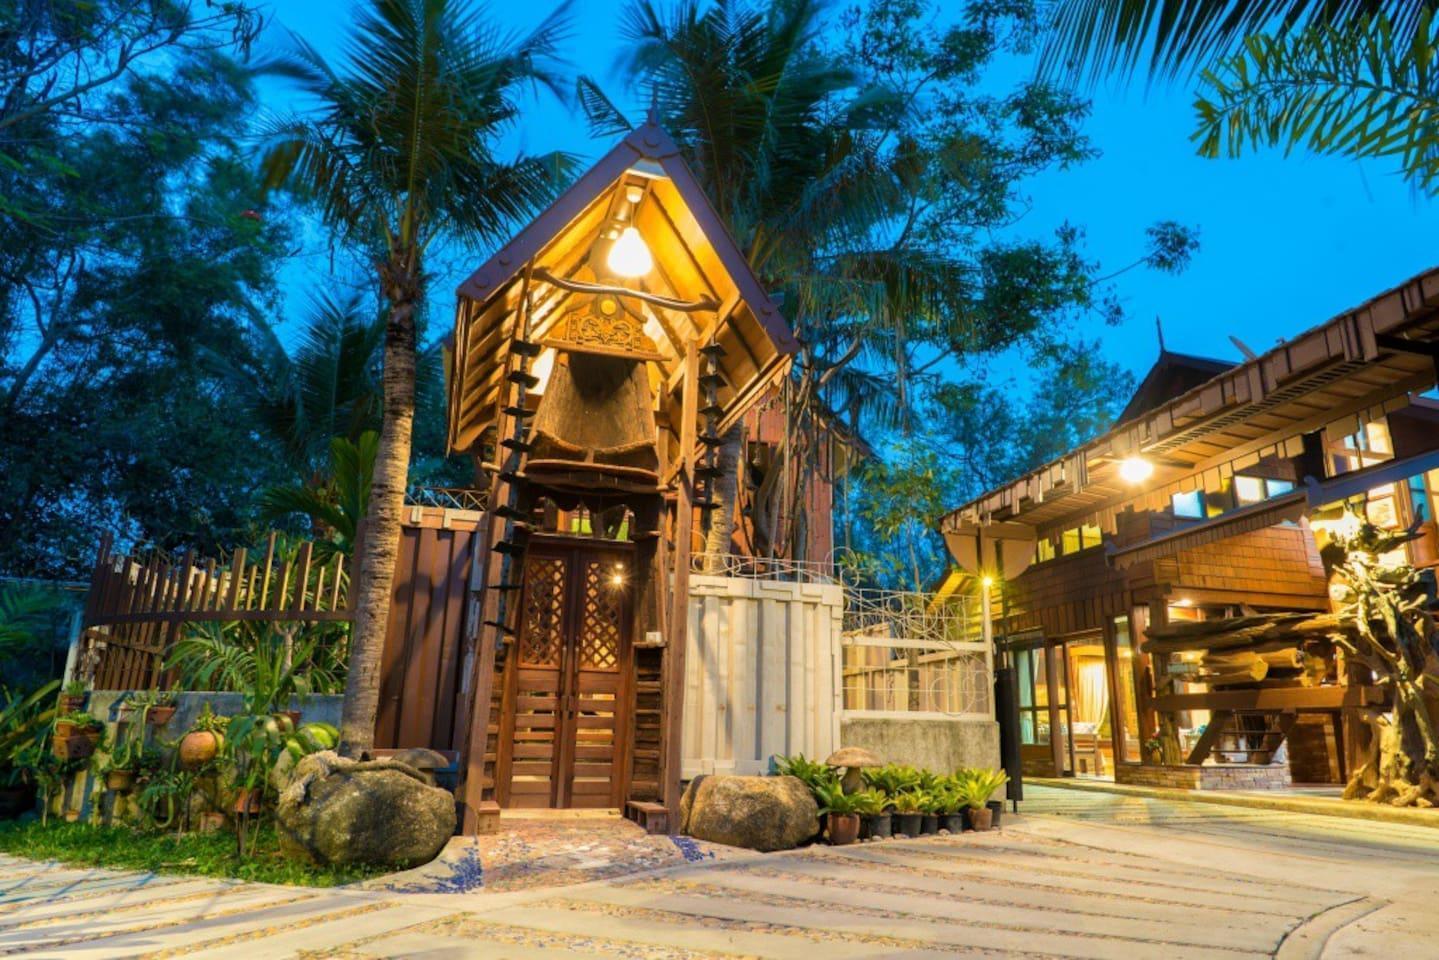 Suankaew Art Cottage (ReuanTonkaew) 1 ห้องนอน 1 ห้องน้ำส่วนตัว ขนาด 30 ตร.ม. – ศรีราชา